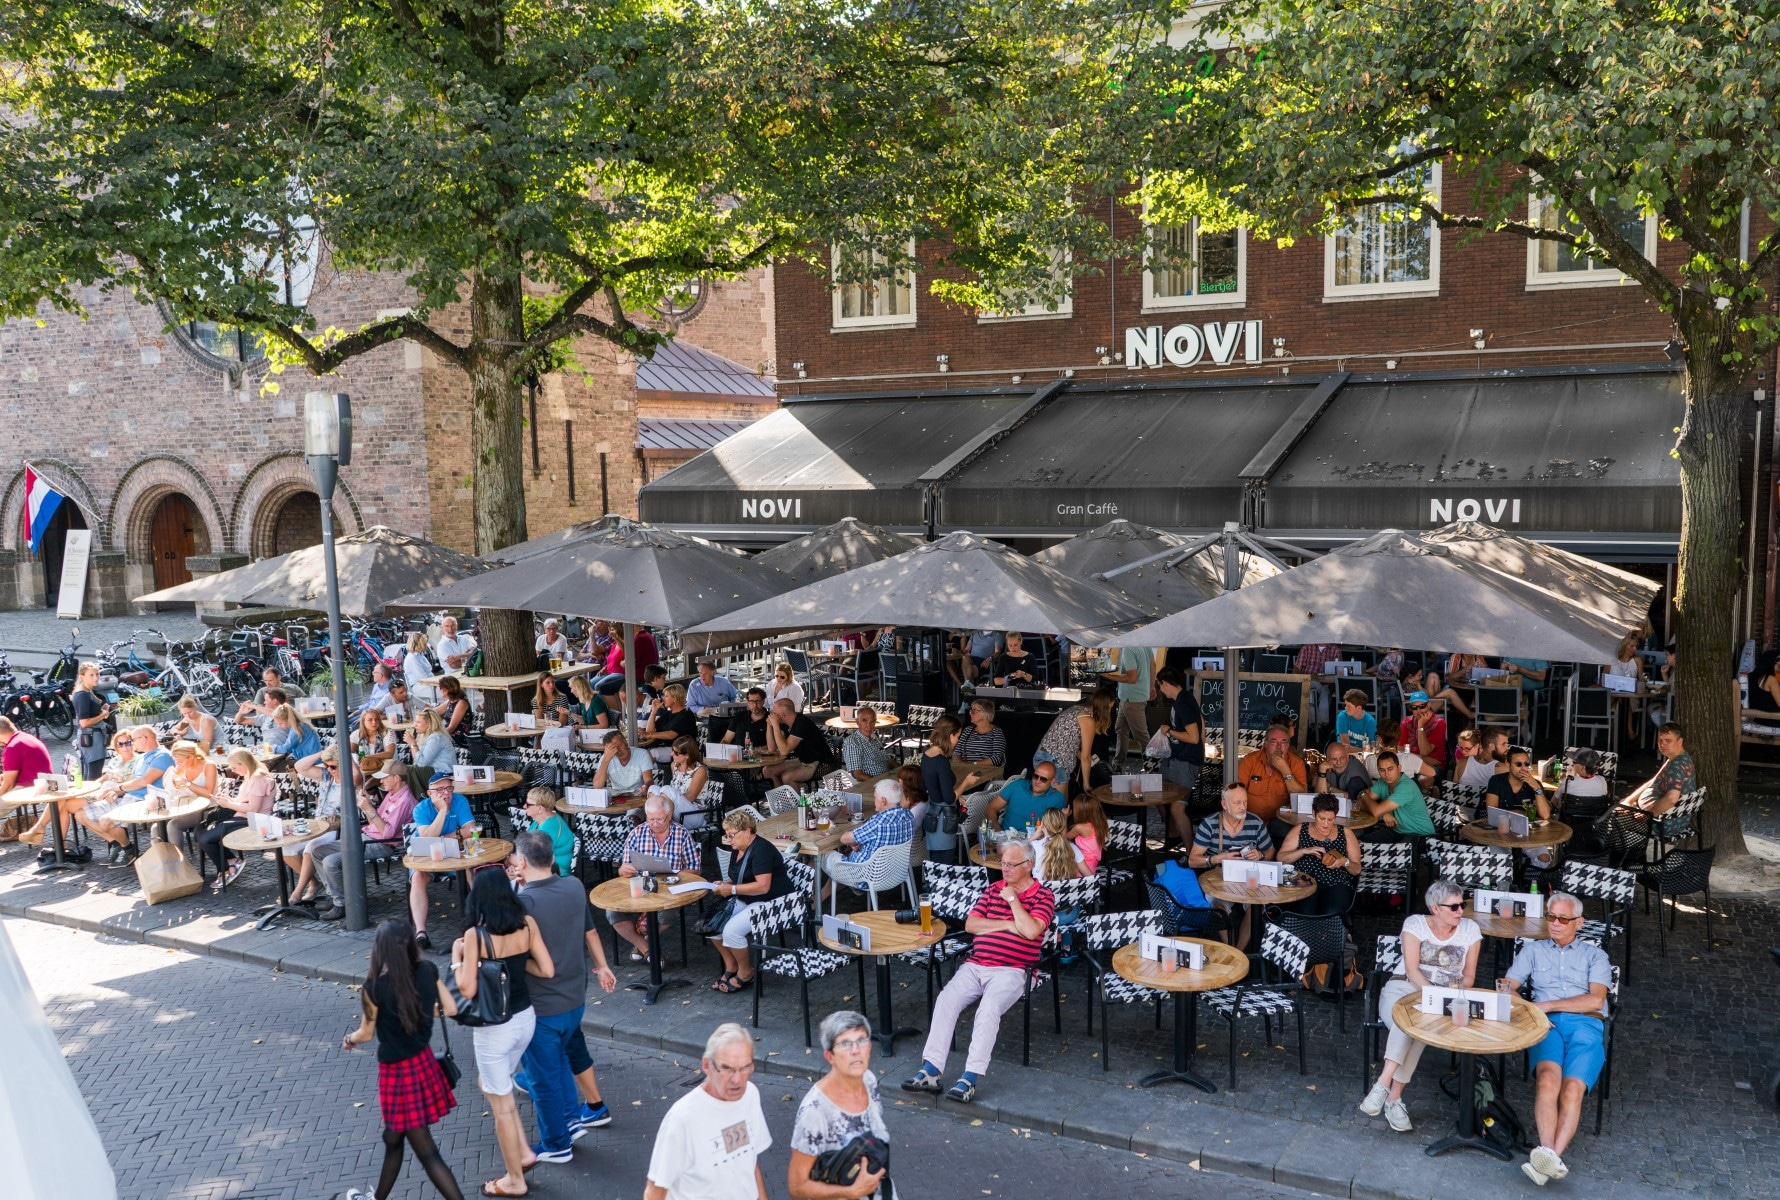 Grand Cafe Novi Enschede